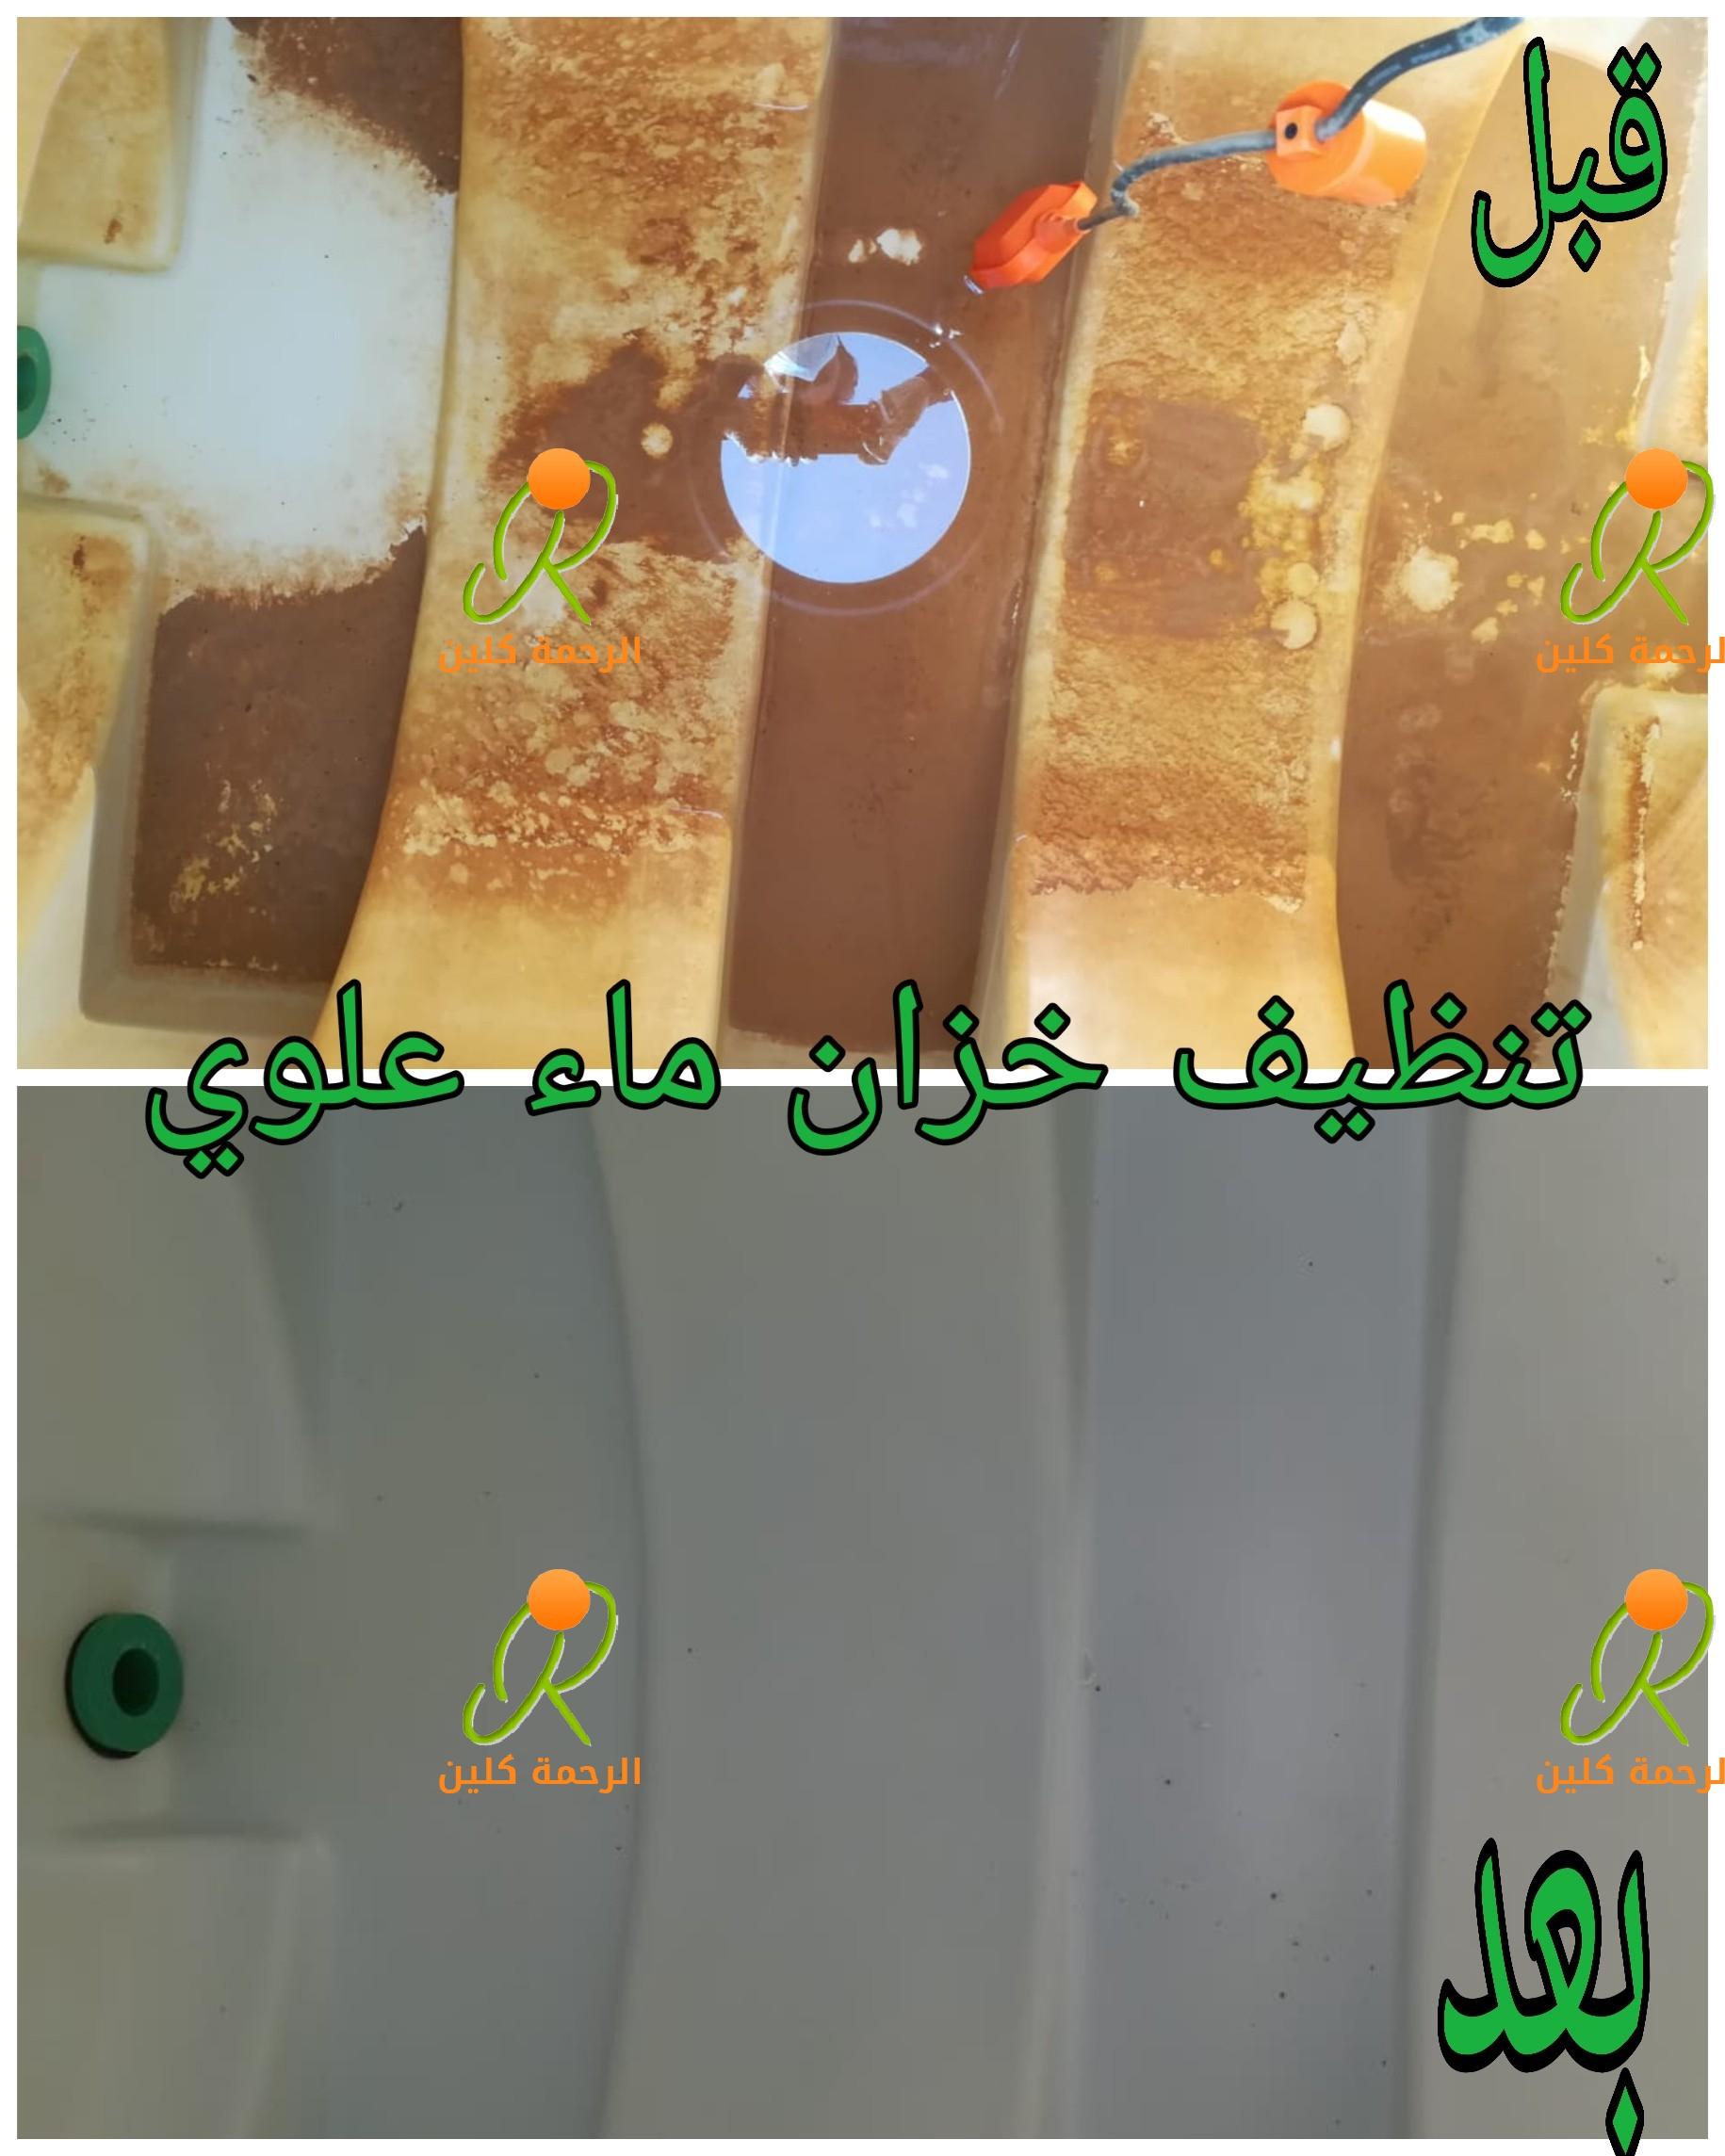 طريقة تنظيف الخزانات المنزلية